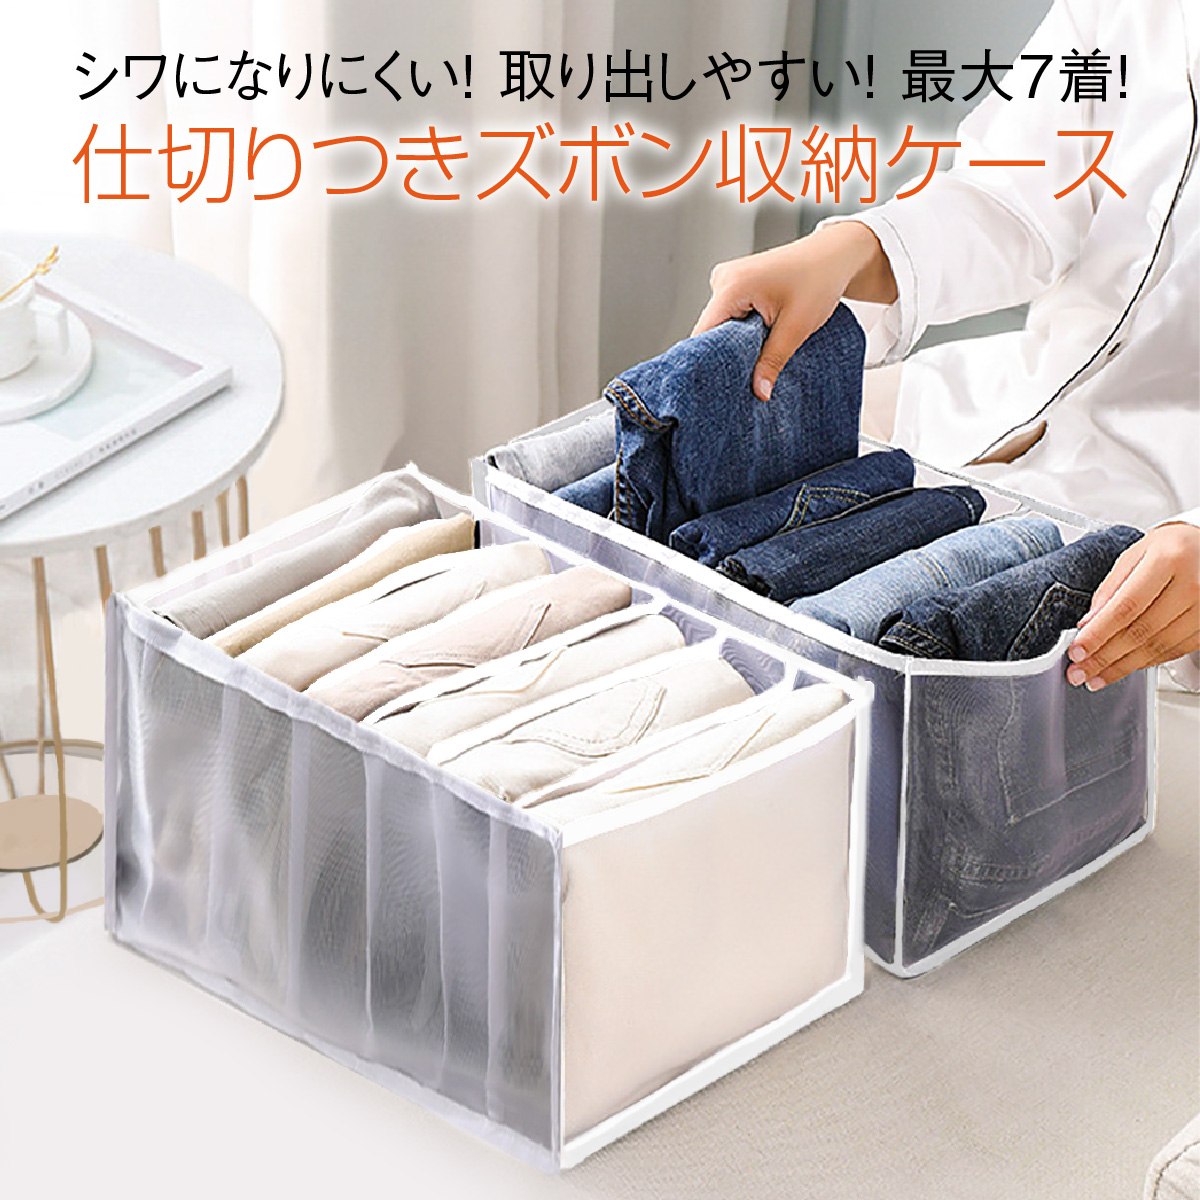 取り出しやすく、きれいに収納 ズボン収納ケース ズボン 収納ケース 仕切り 7ポケット 収納ボックス 収納 ジーンズ 衣類 ld-case02